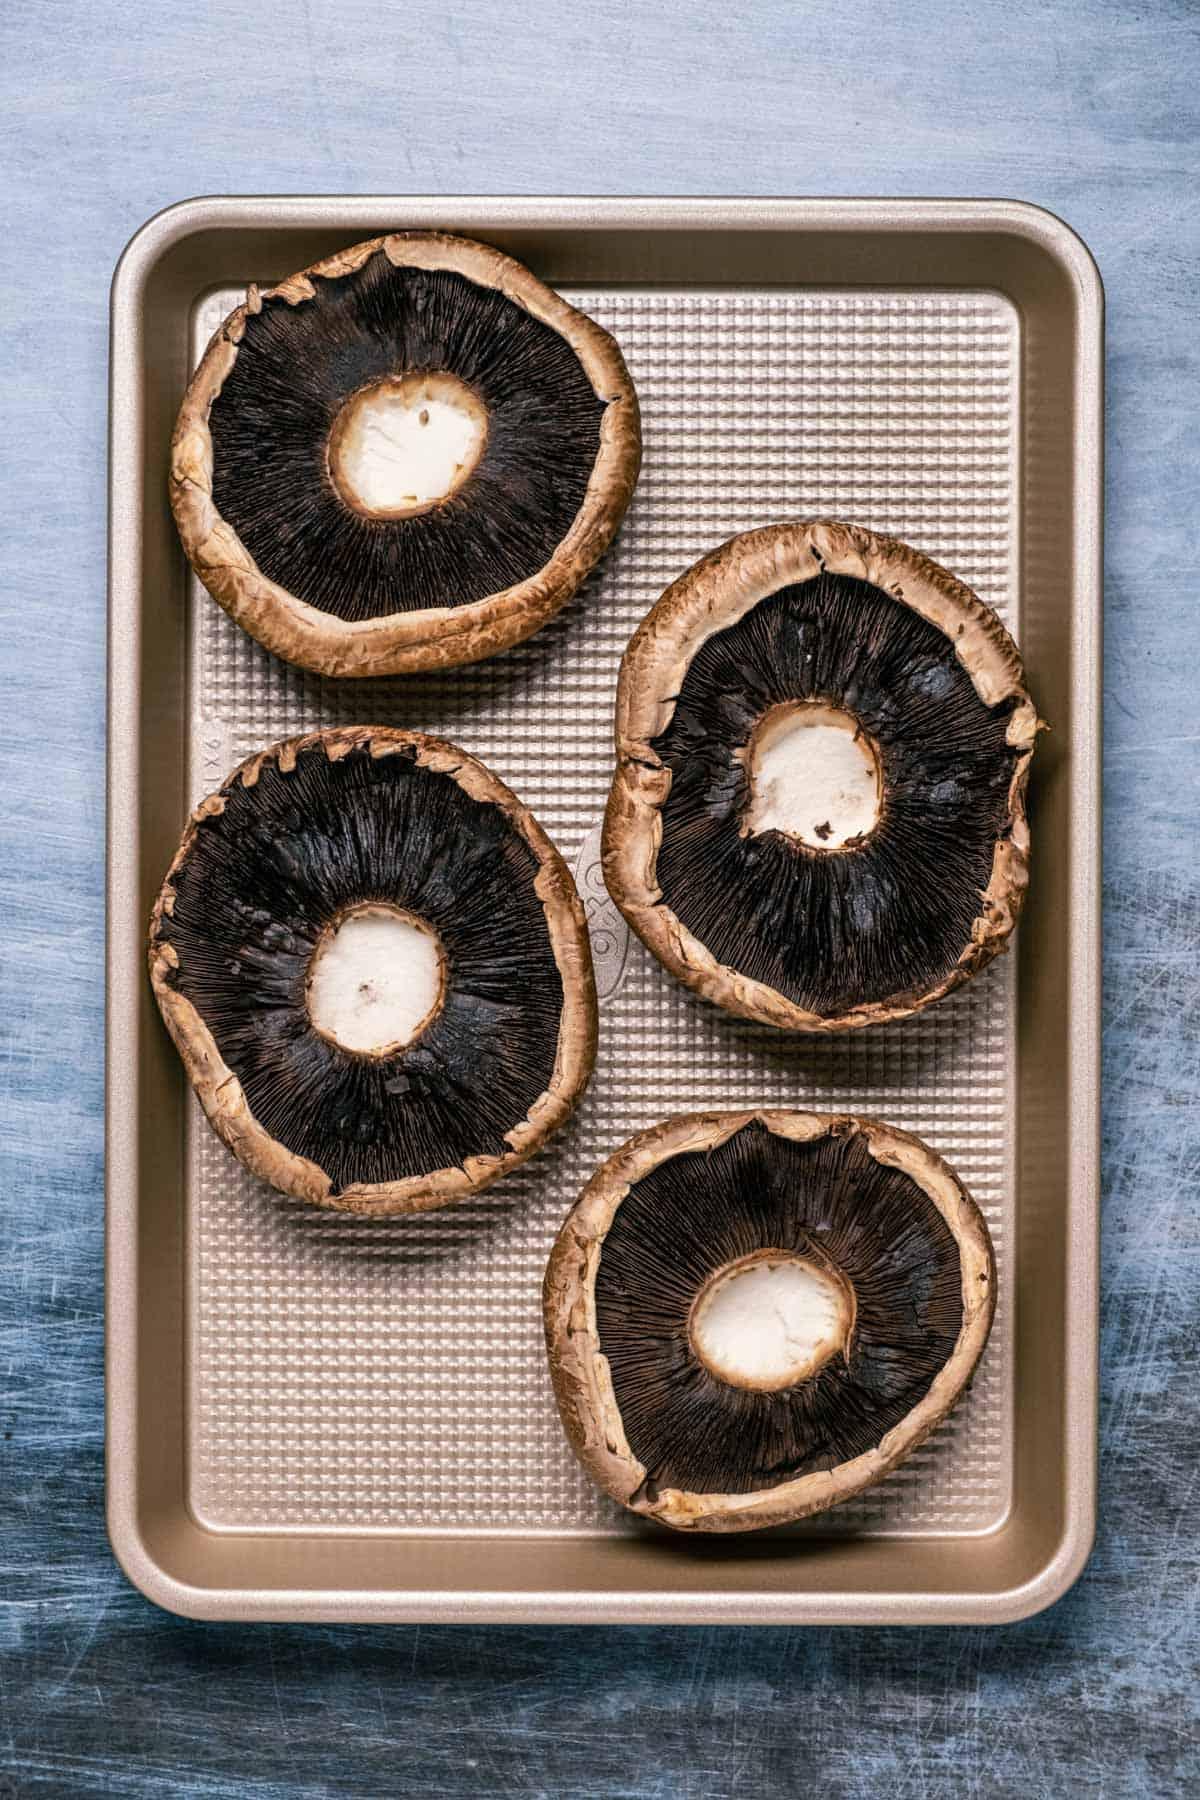 Portobello mushrooms on a baking tray.